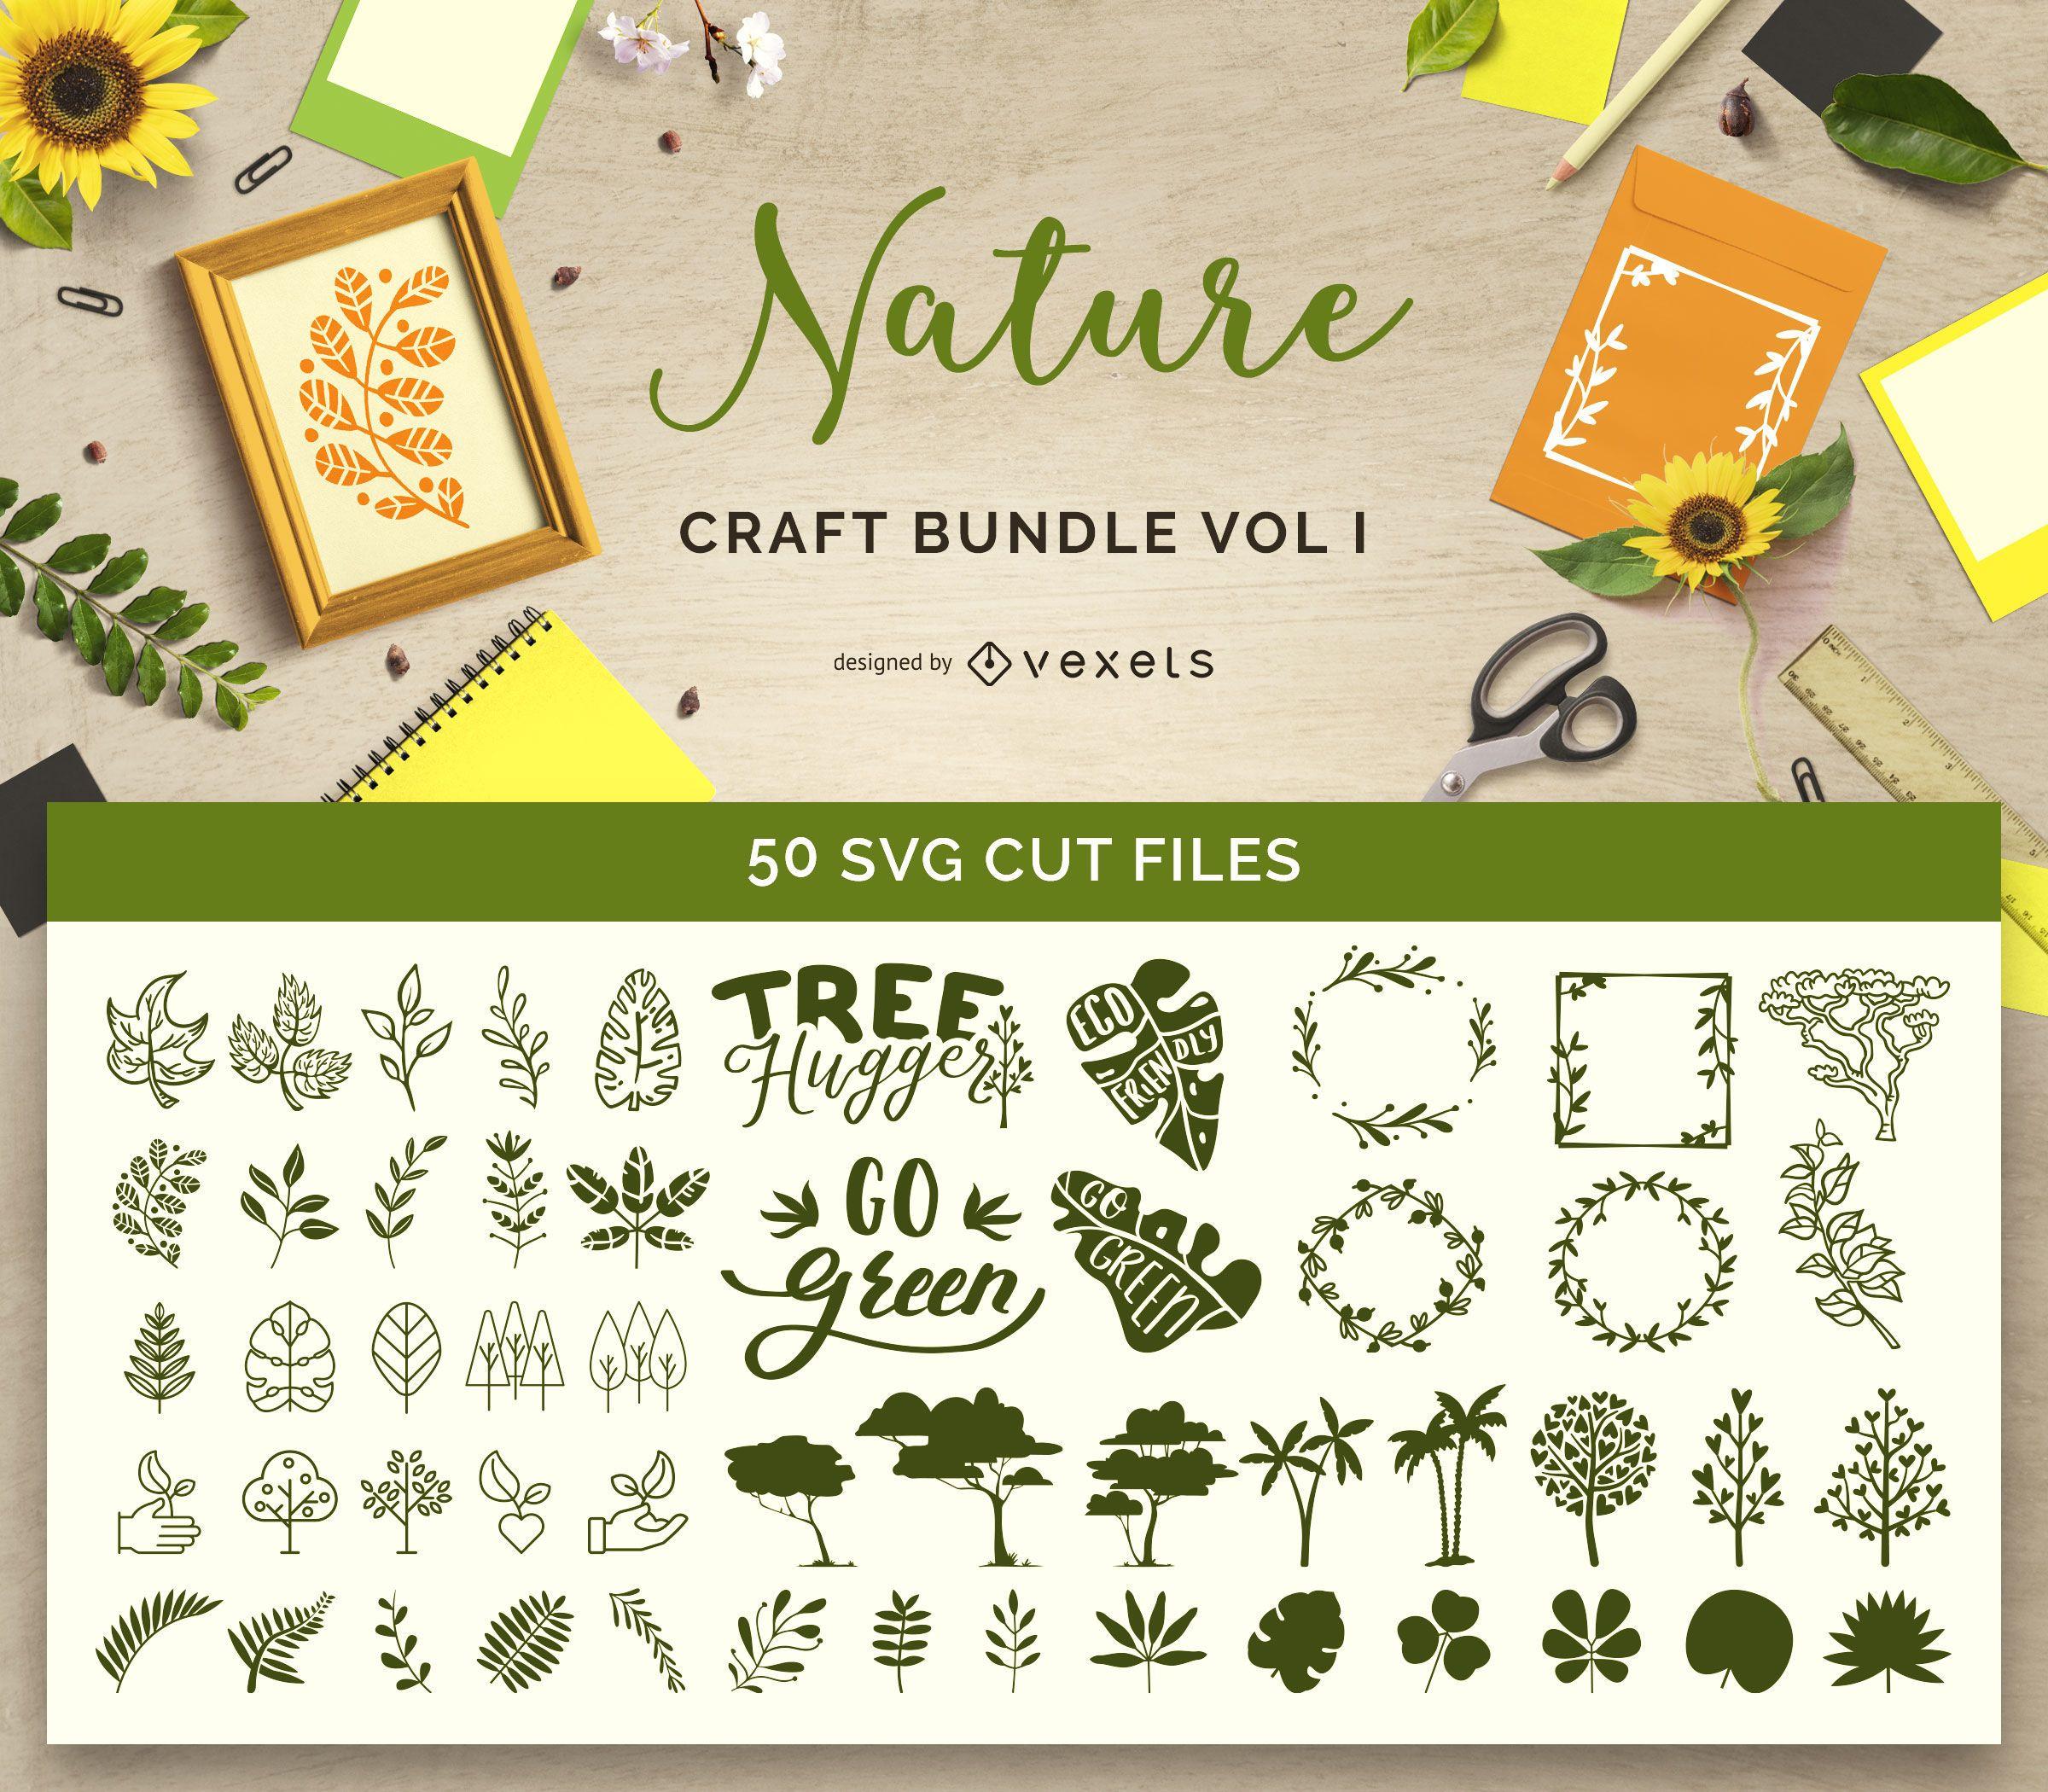 Nature Bundle Vol I